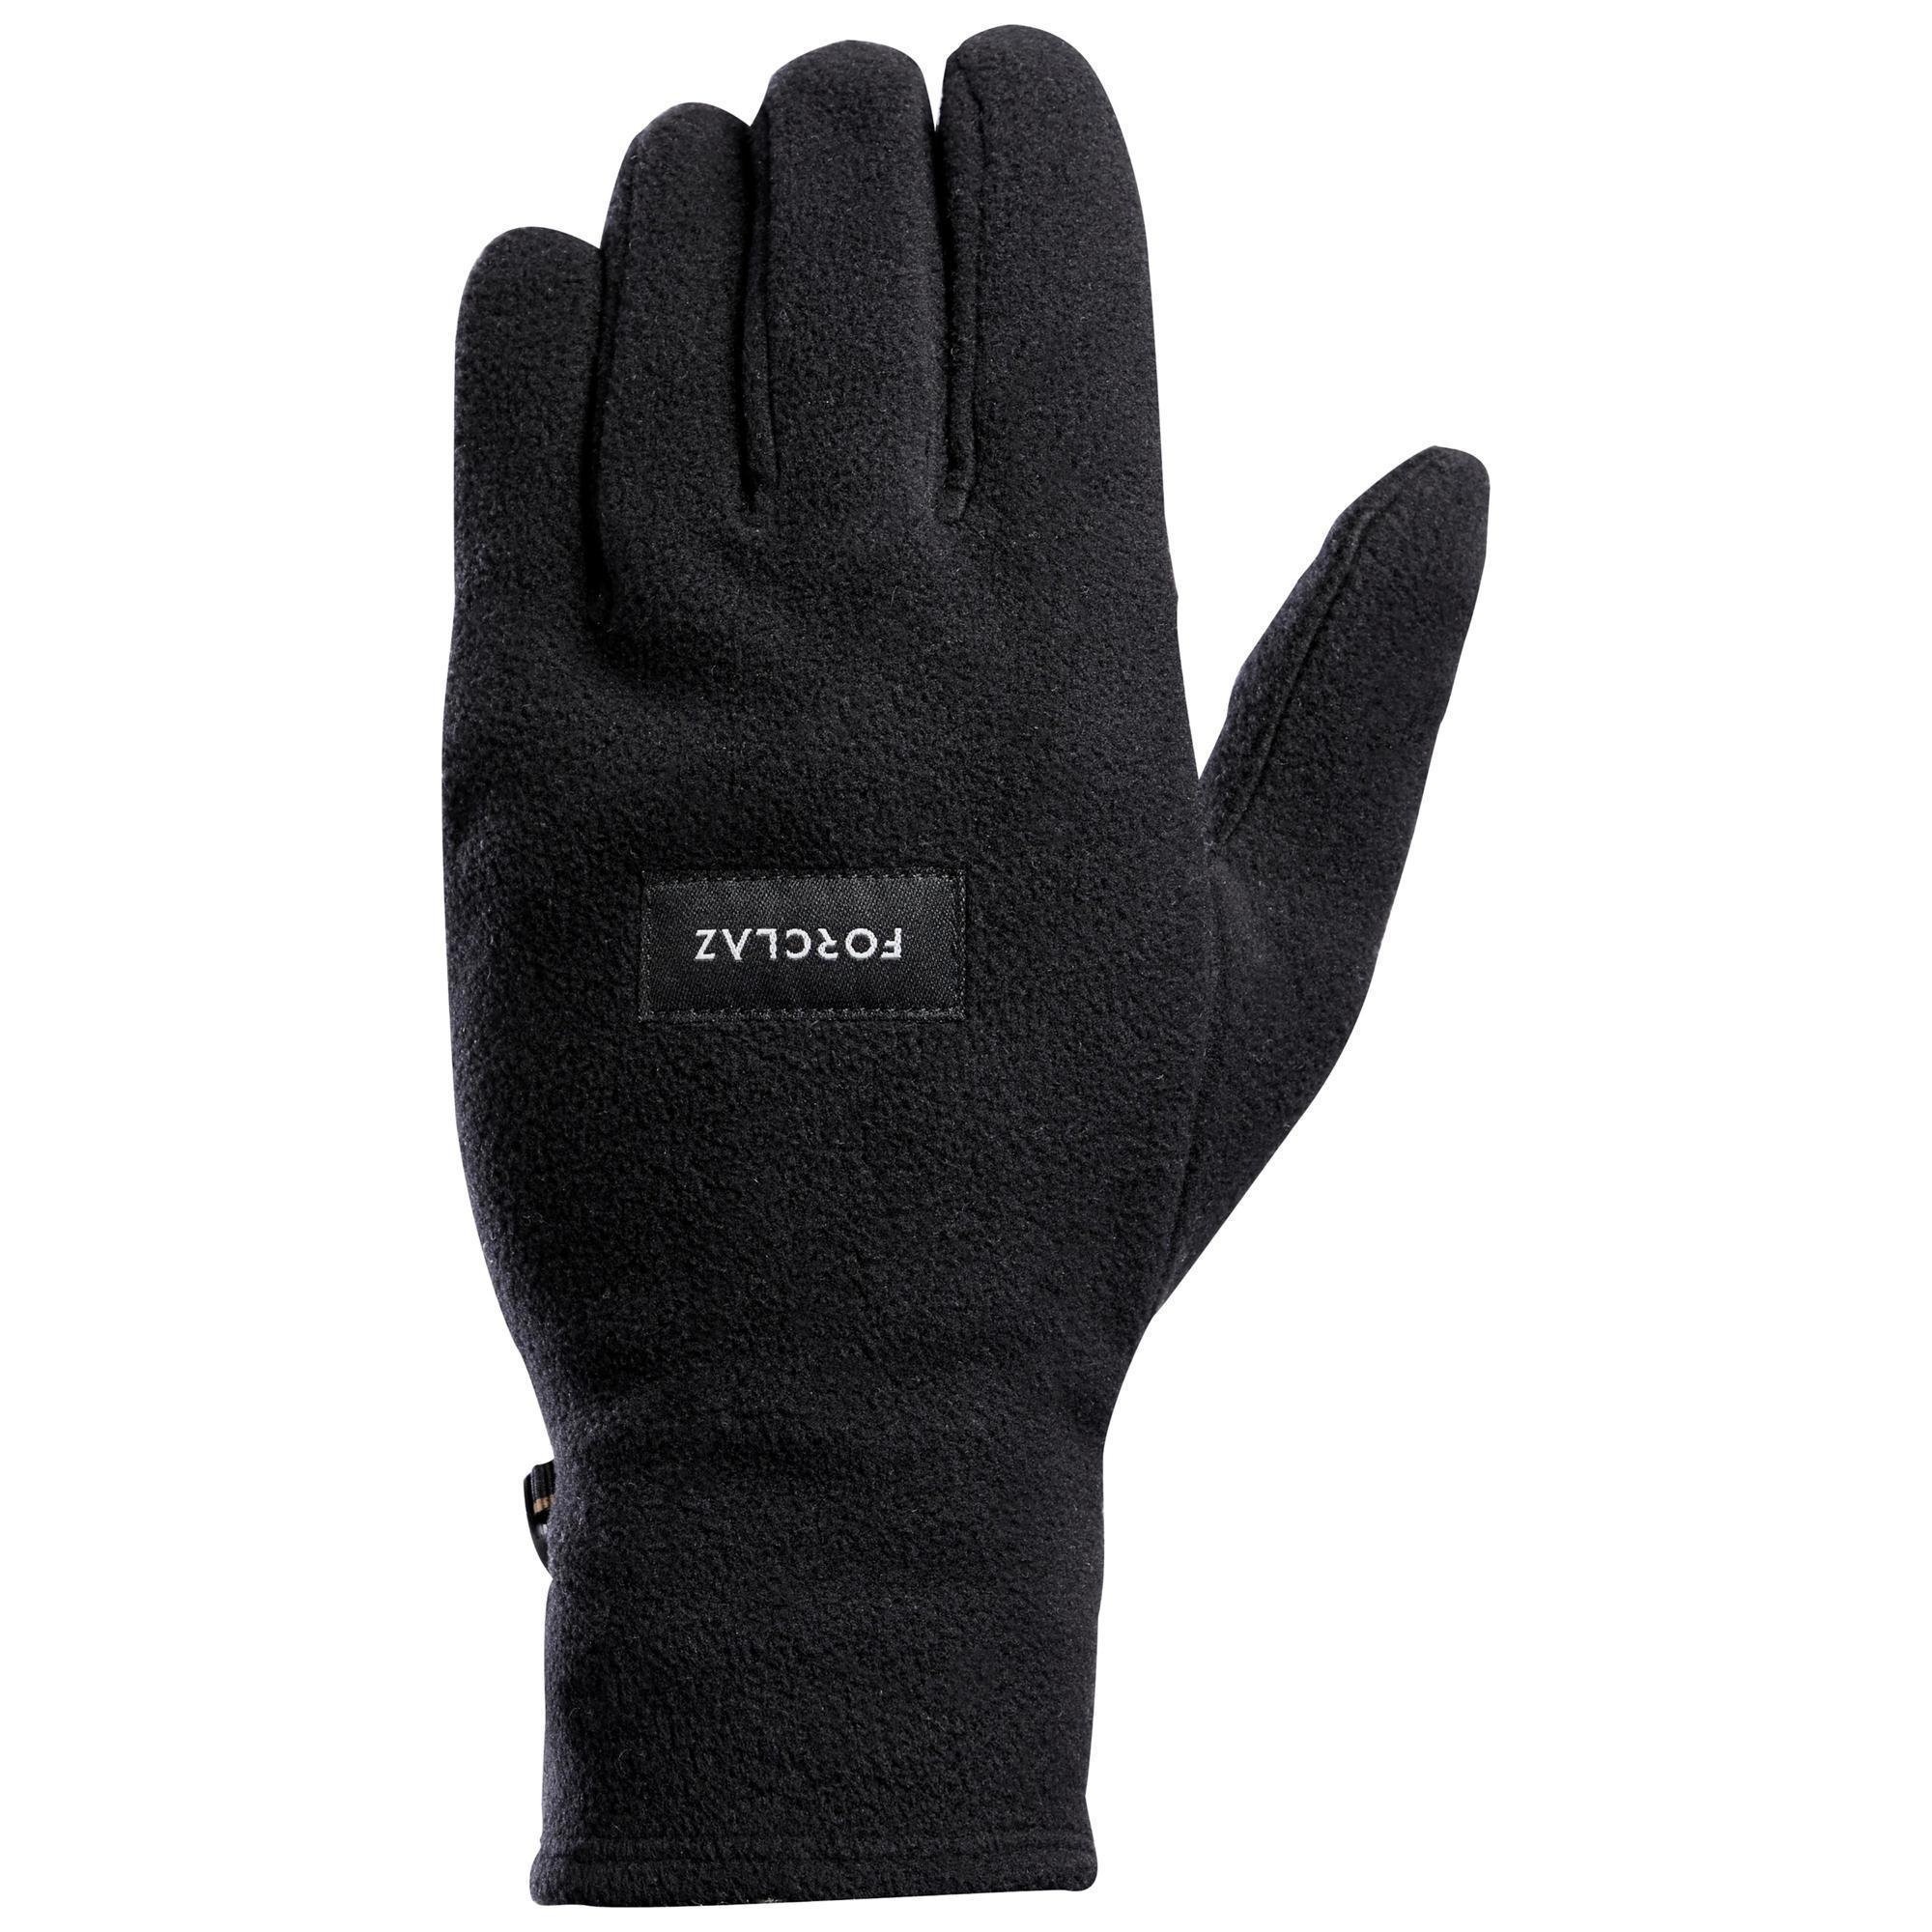 Fleecehandschuhe Bergtrekking Trek 100 Erwachsene schwarz | Accessoires > Handschuhe > Fleecehandschuhe | Forclaz